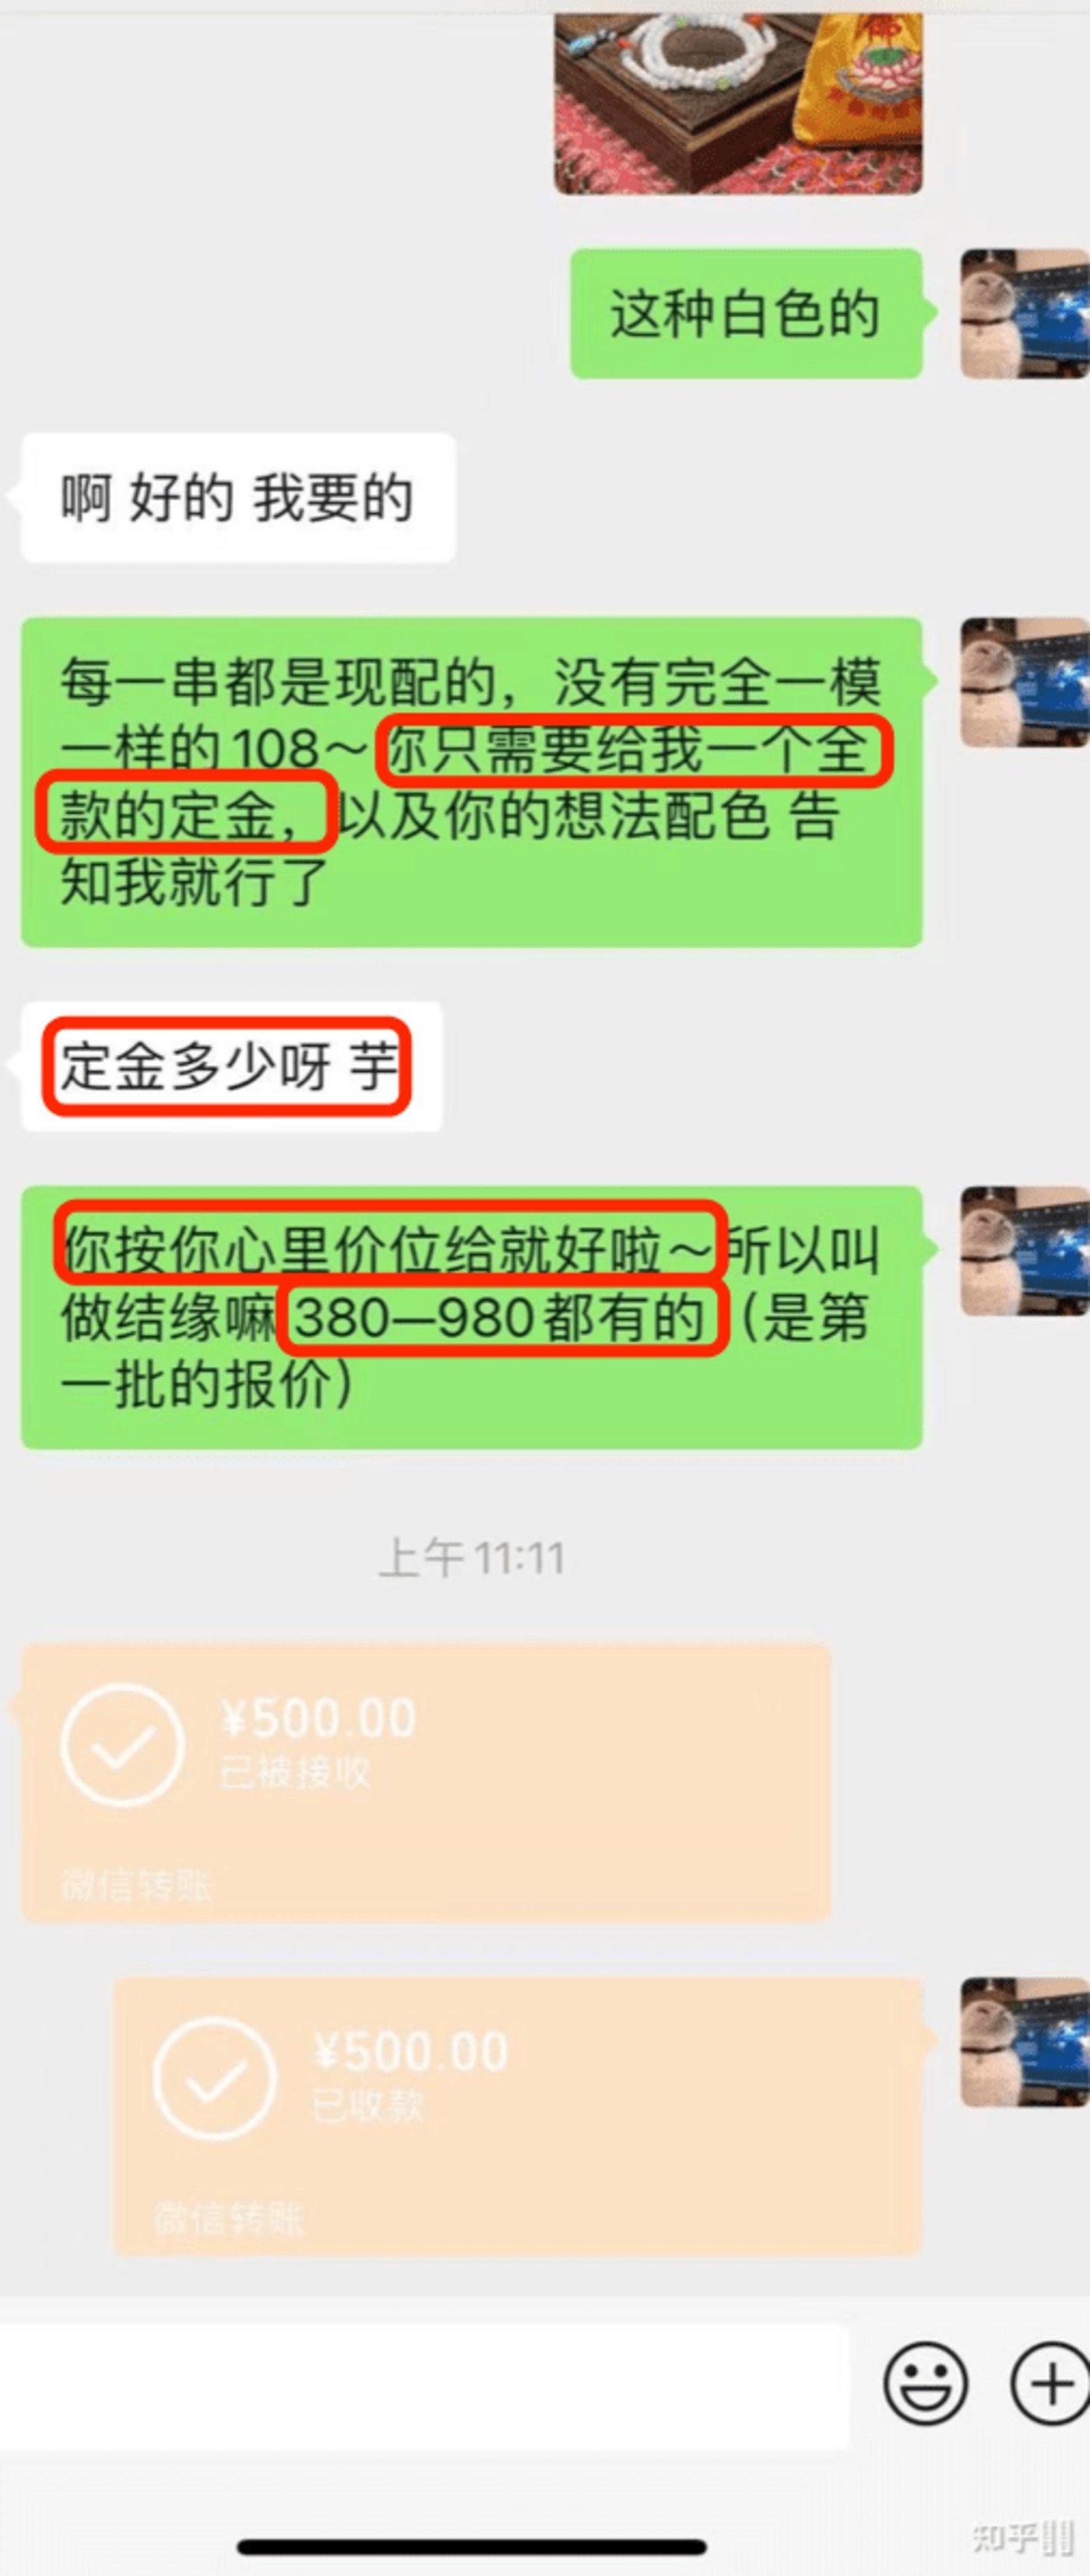 """网红美女""""佛媛""""火了!坐禅抄经穿Dior炫富也能火?"""